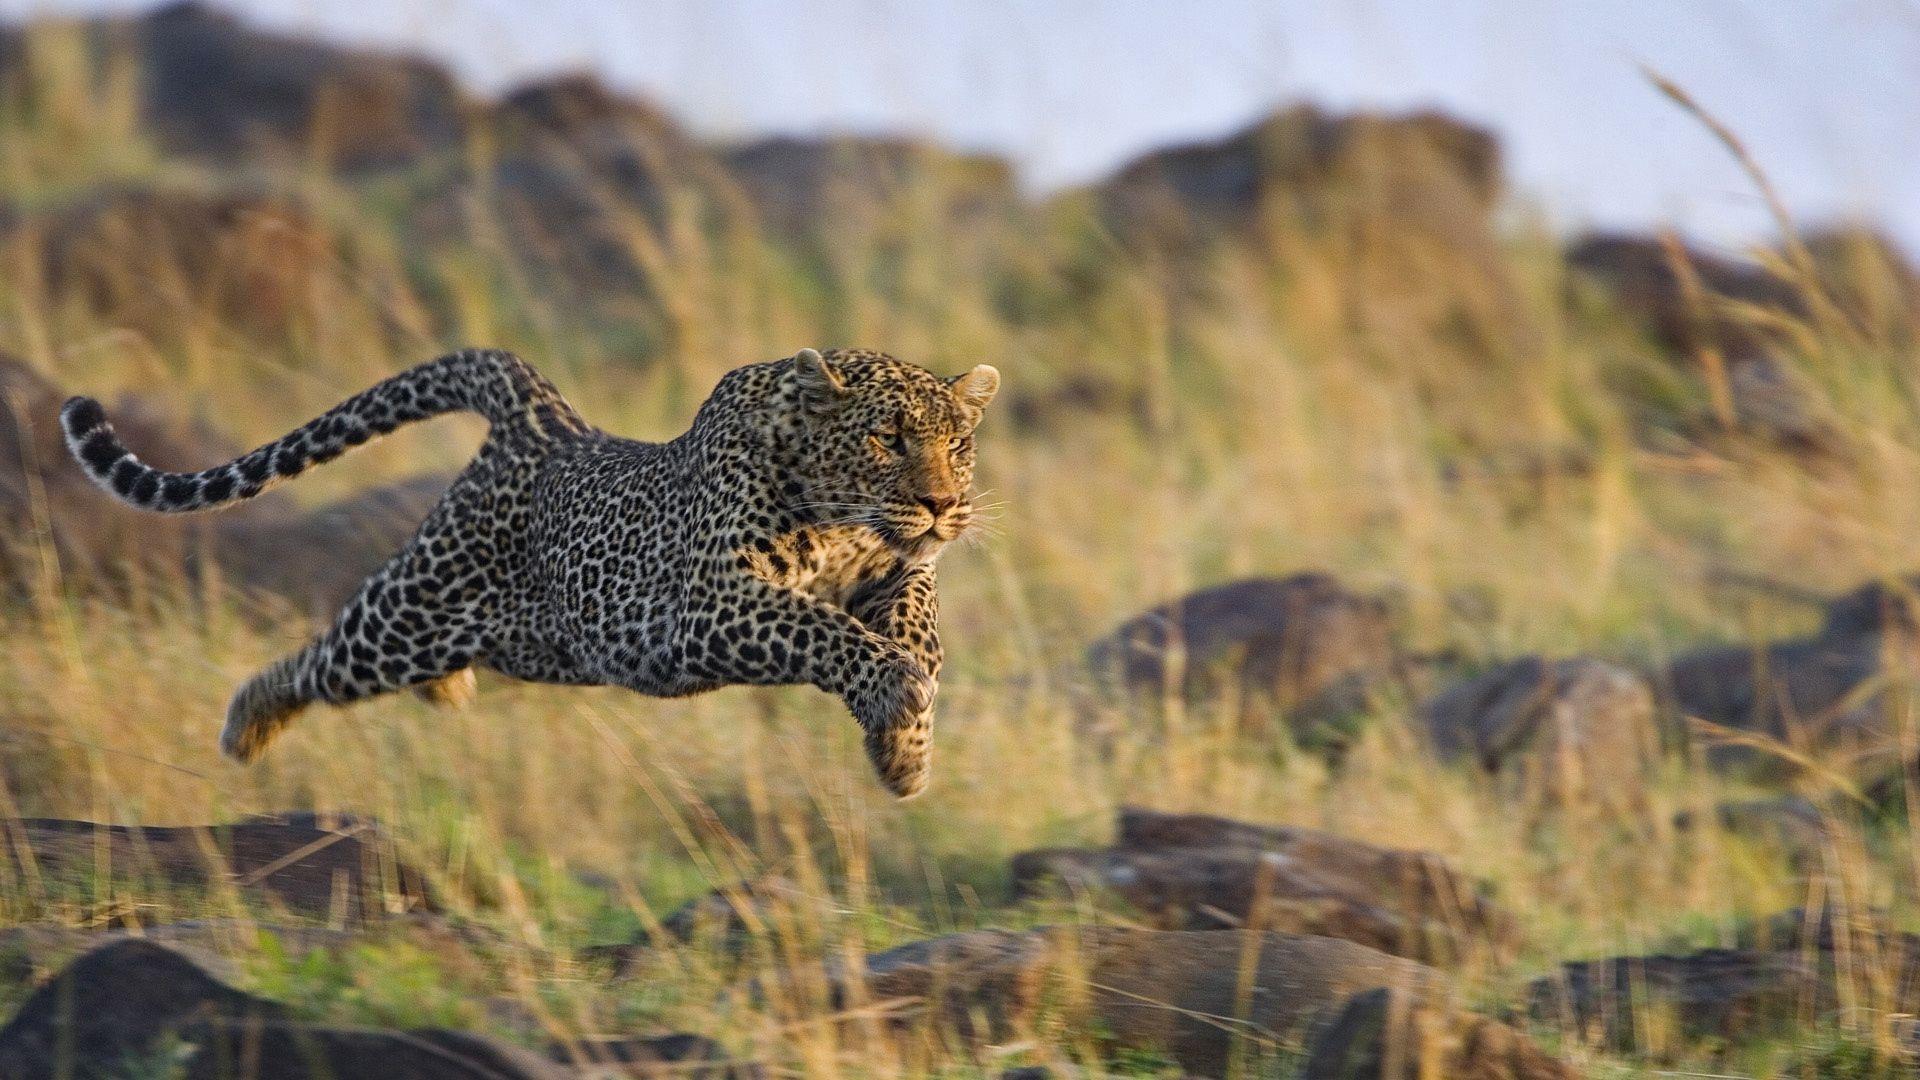 Wallpaper Leopard, Grass, Run, Jump, Hunt